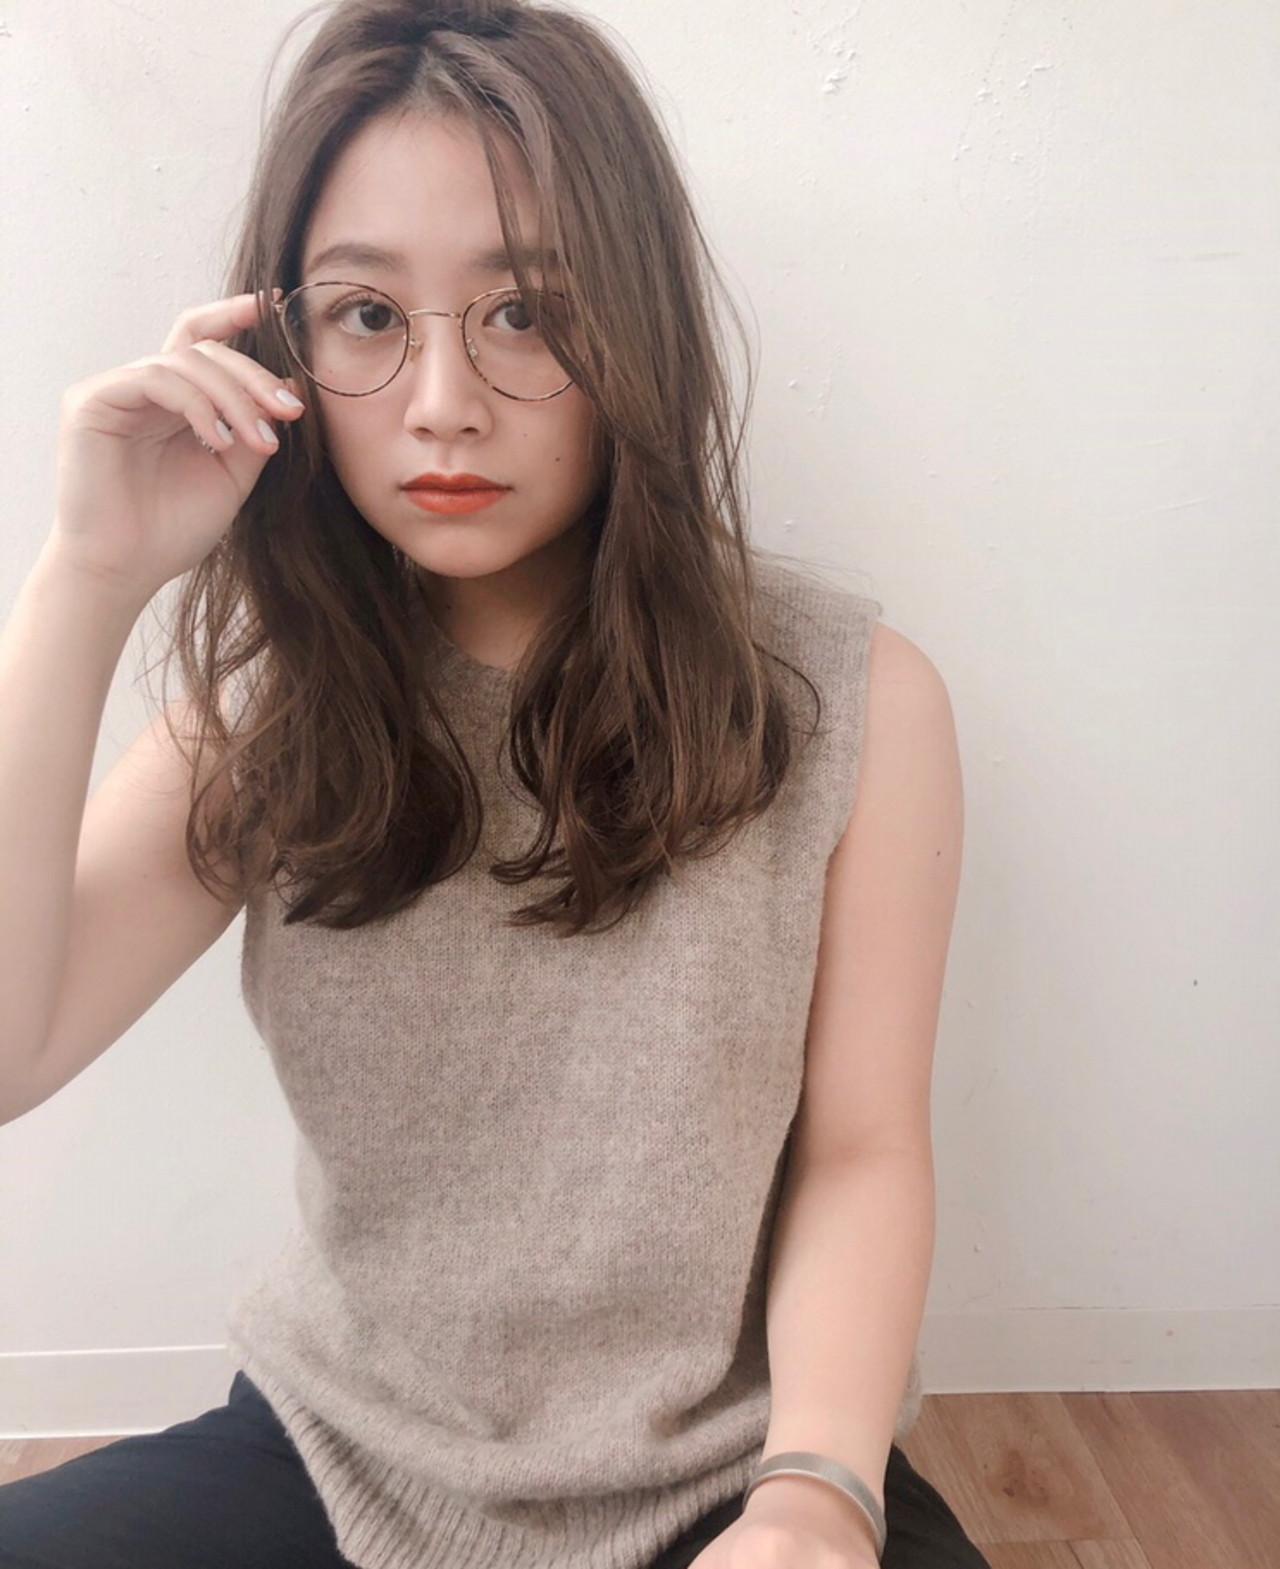 ゆるナチュラル 眼鏡 外国人風フェミニン ナチュラル ヘアスタイルや髪型の写真・画像   natsuki /